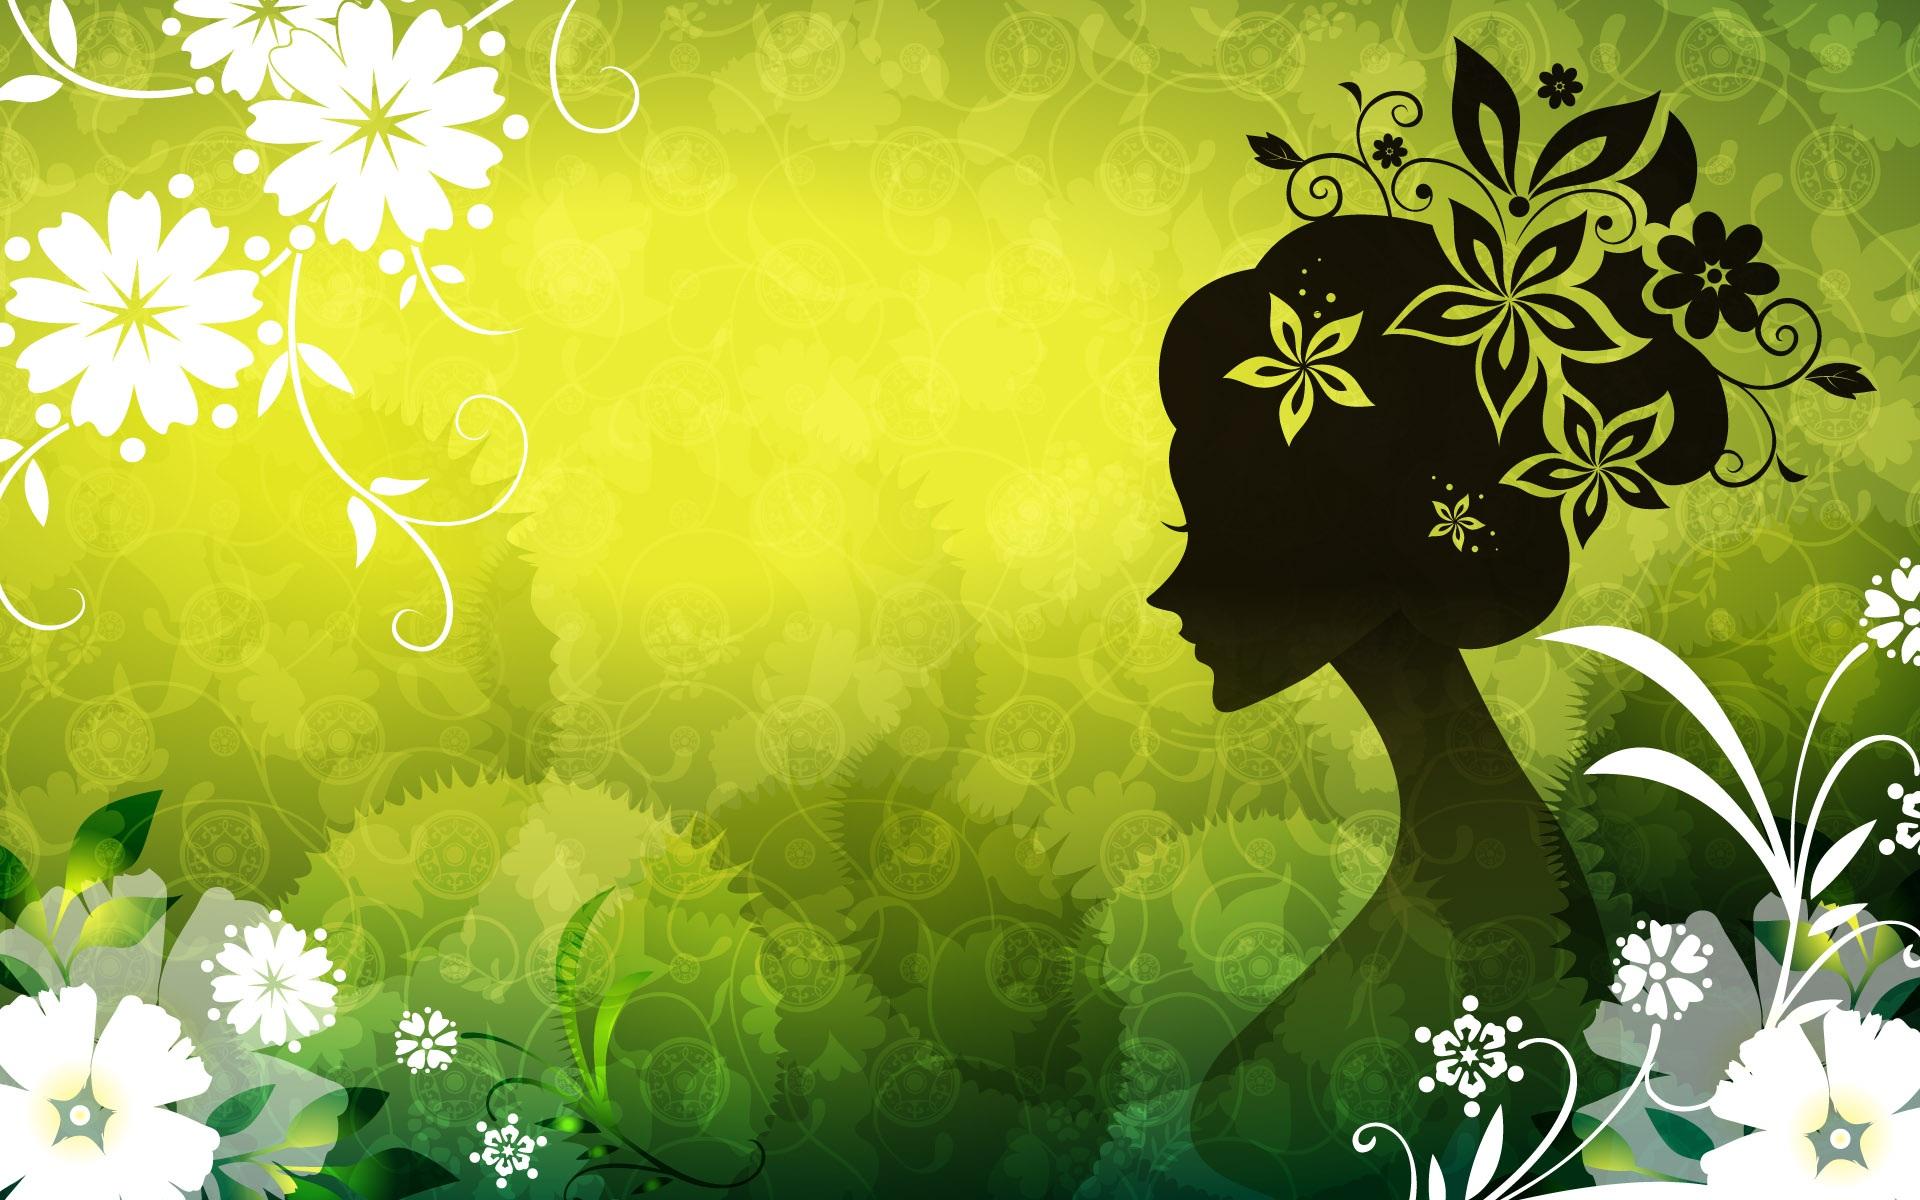 Fondos De Pantalla Vector Las Mujeres Flores Verdes 1920x1200 Hd Imagen